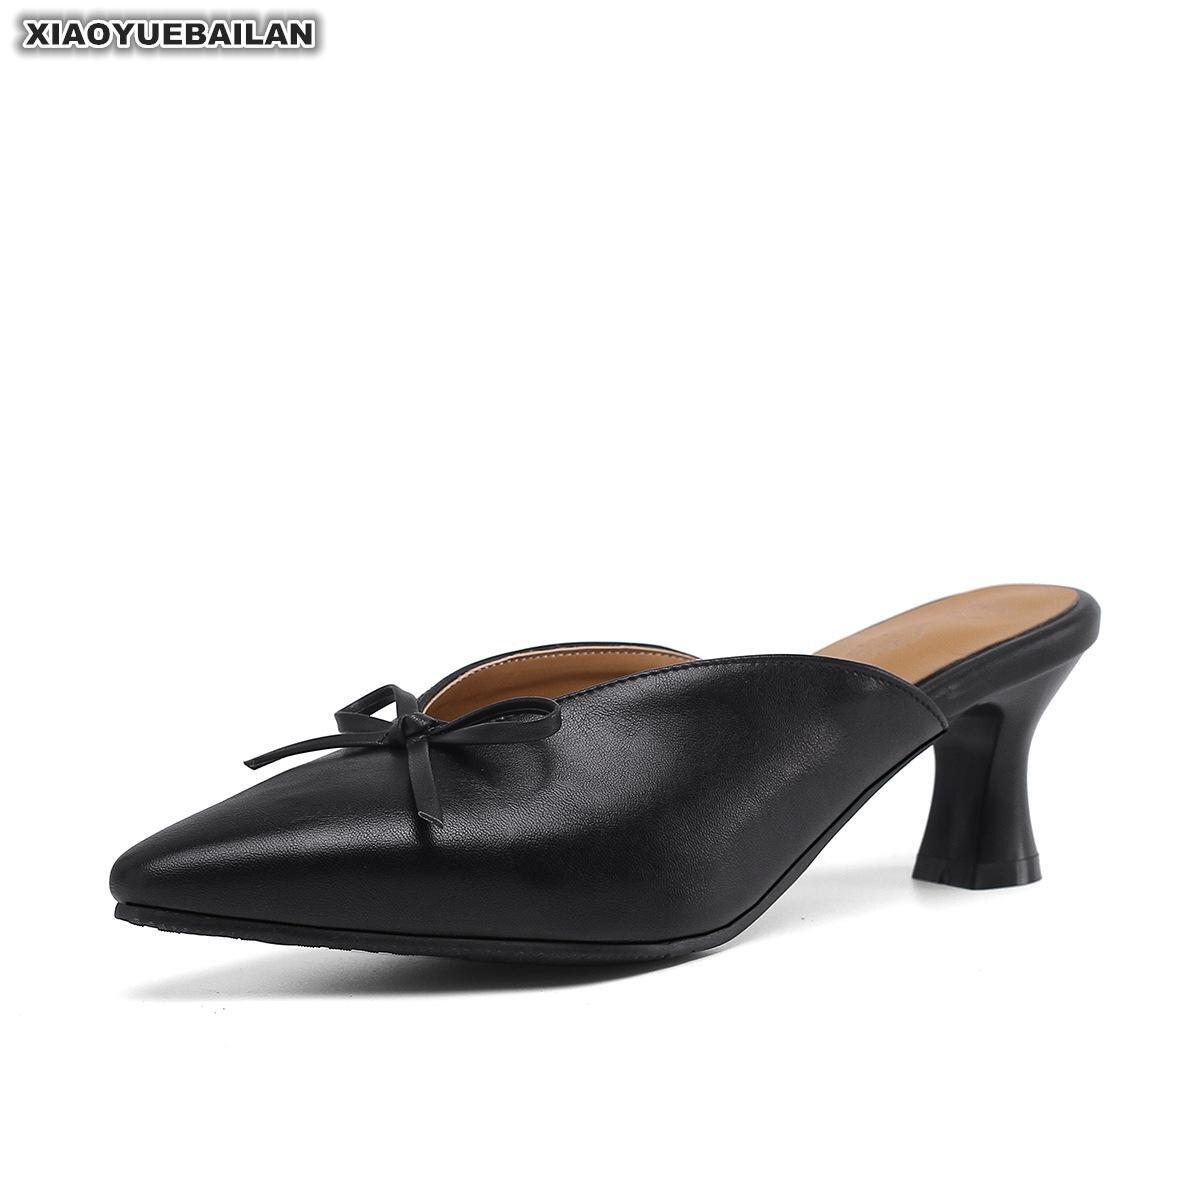 Printemps et été 2019 nouvelle mode petite jetée carrée taille quai talon moyen Baotou Baitao sandales femme